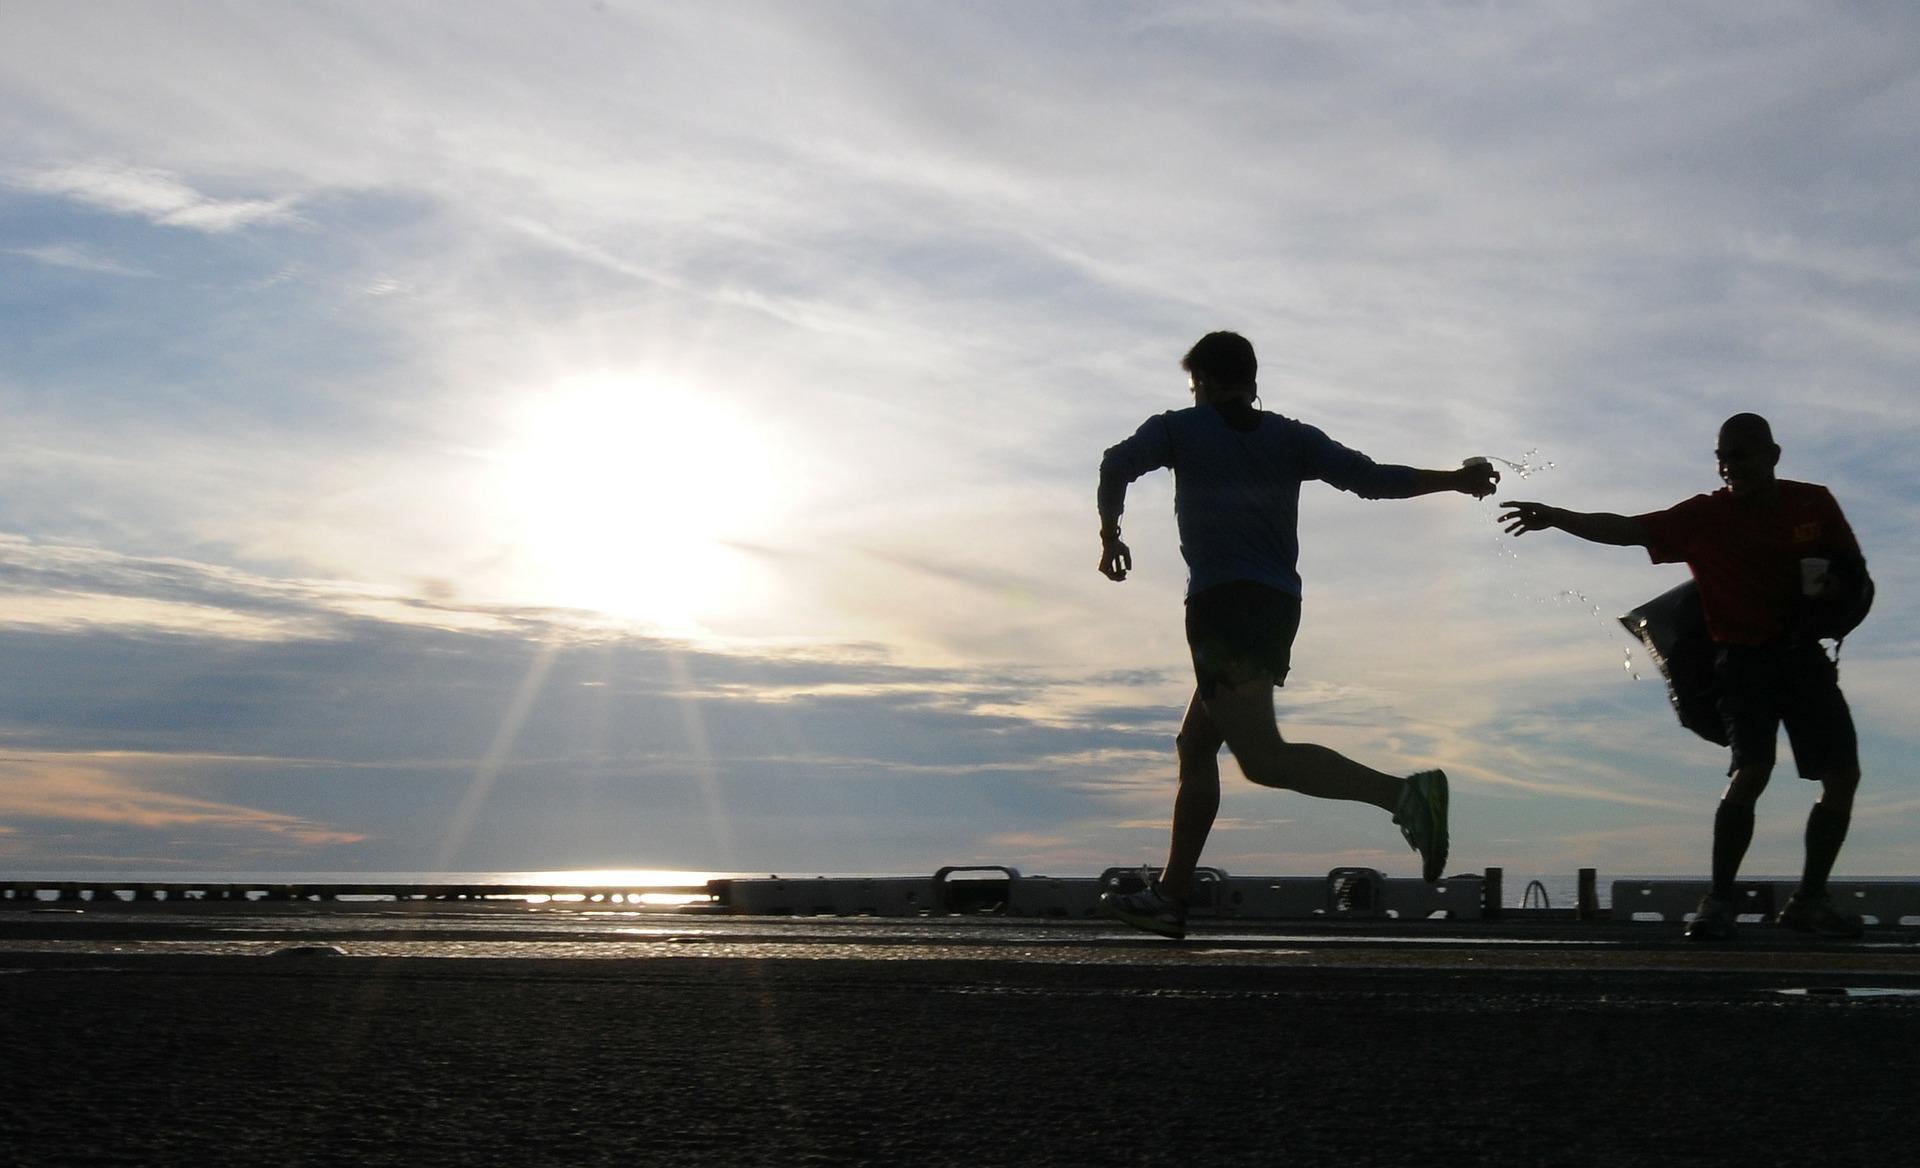 Läufer bekommt Wasser-Welche Sportuhr passt zu mir?